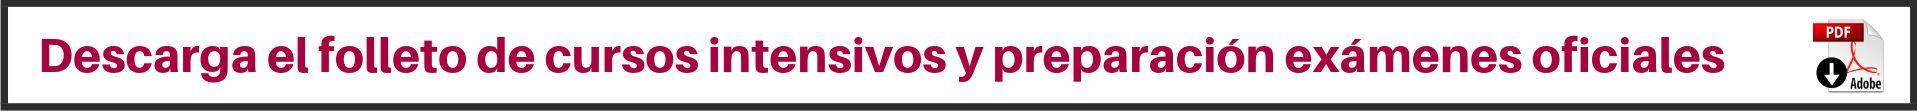 Banner cursos y folleto descargar centro de idiomas uva inglés 2019